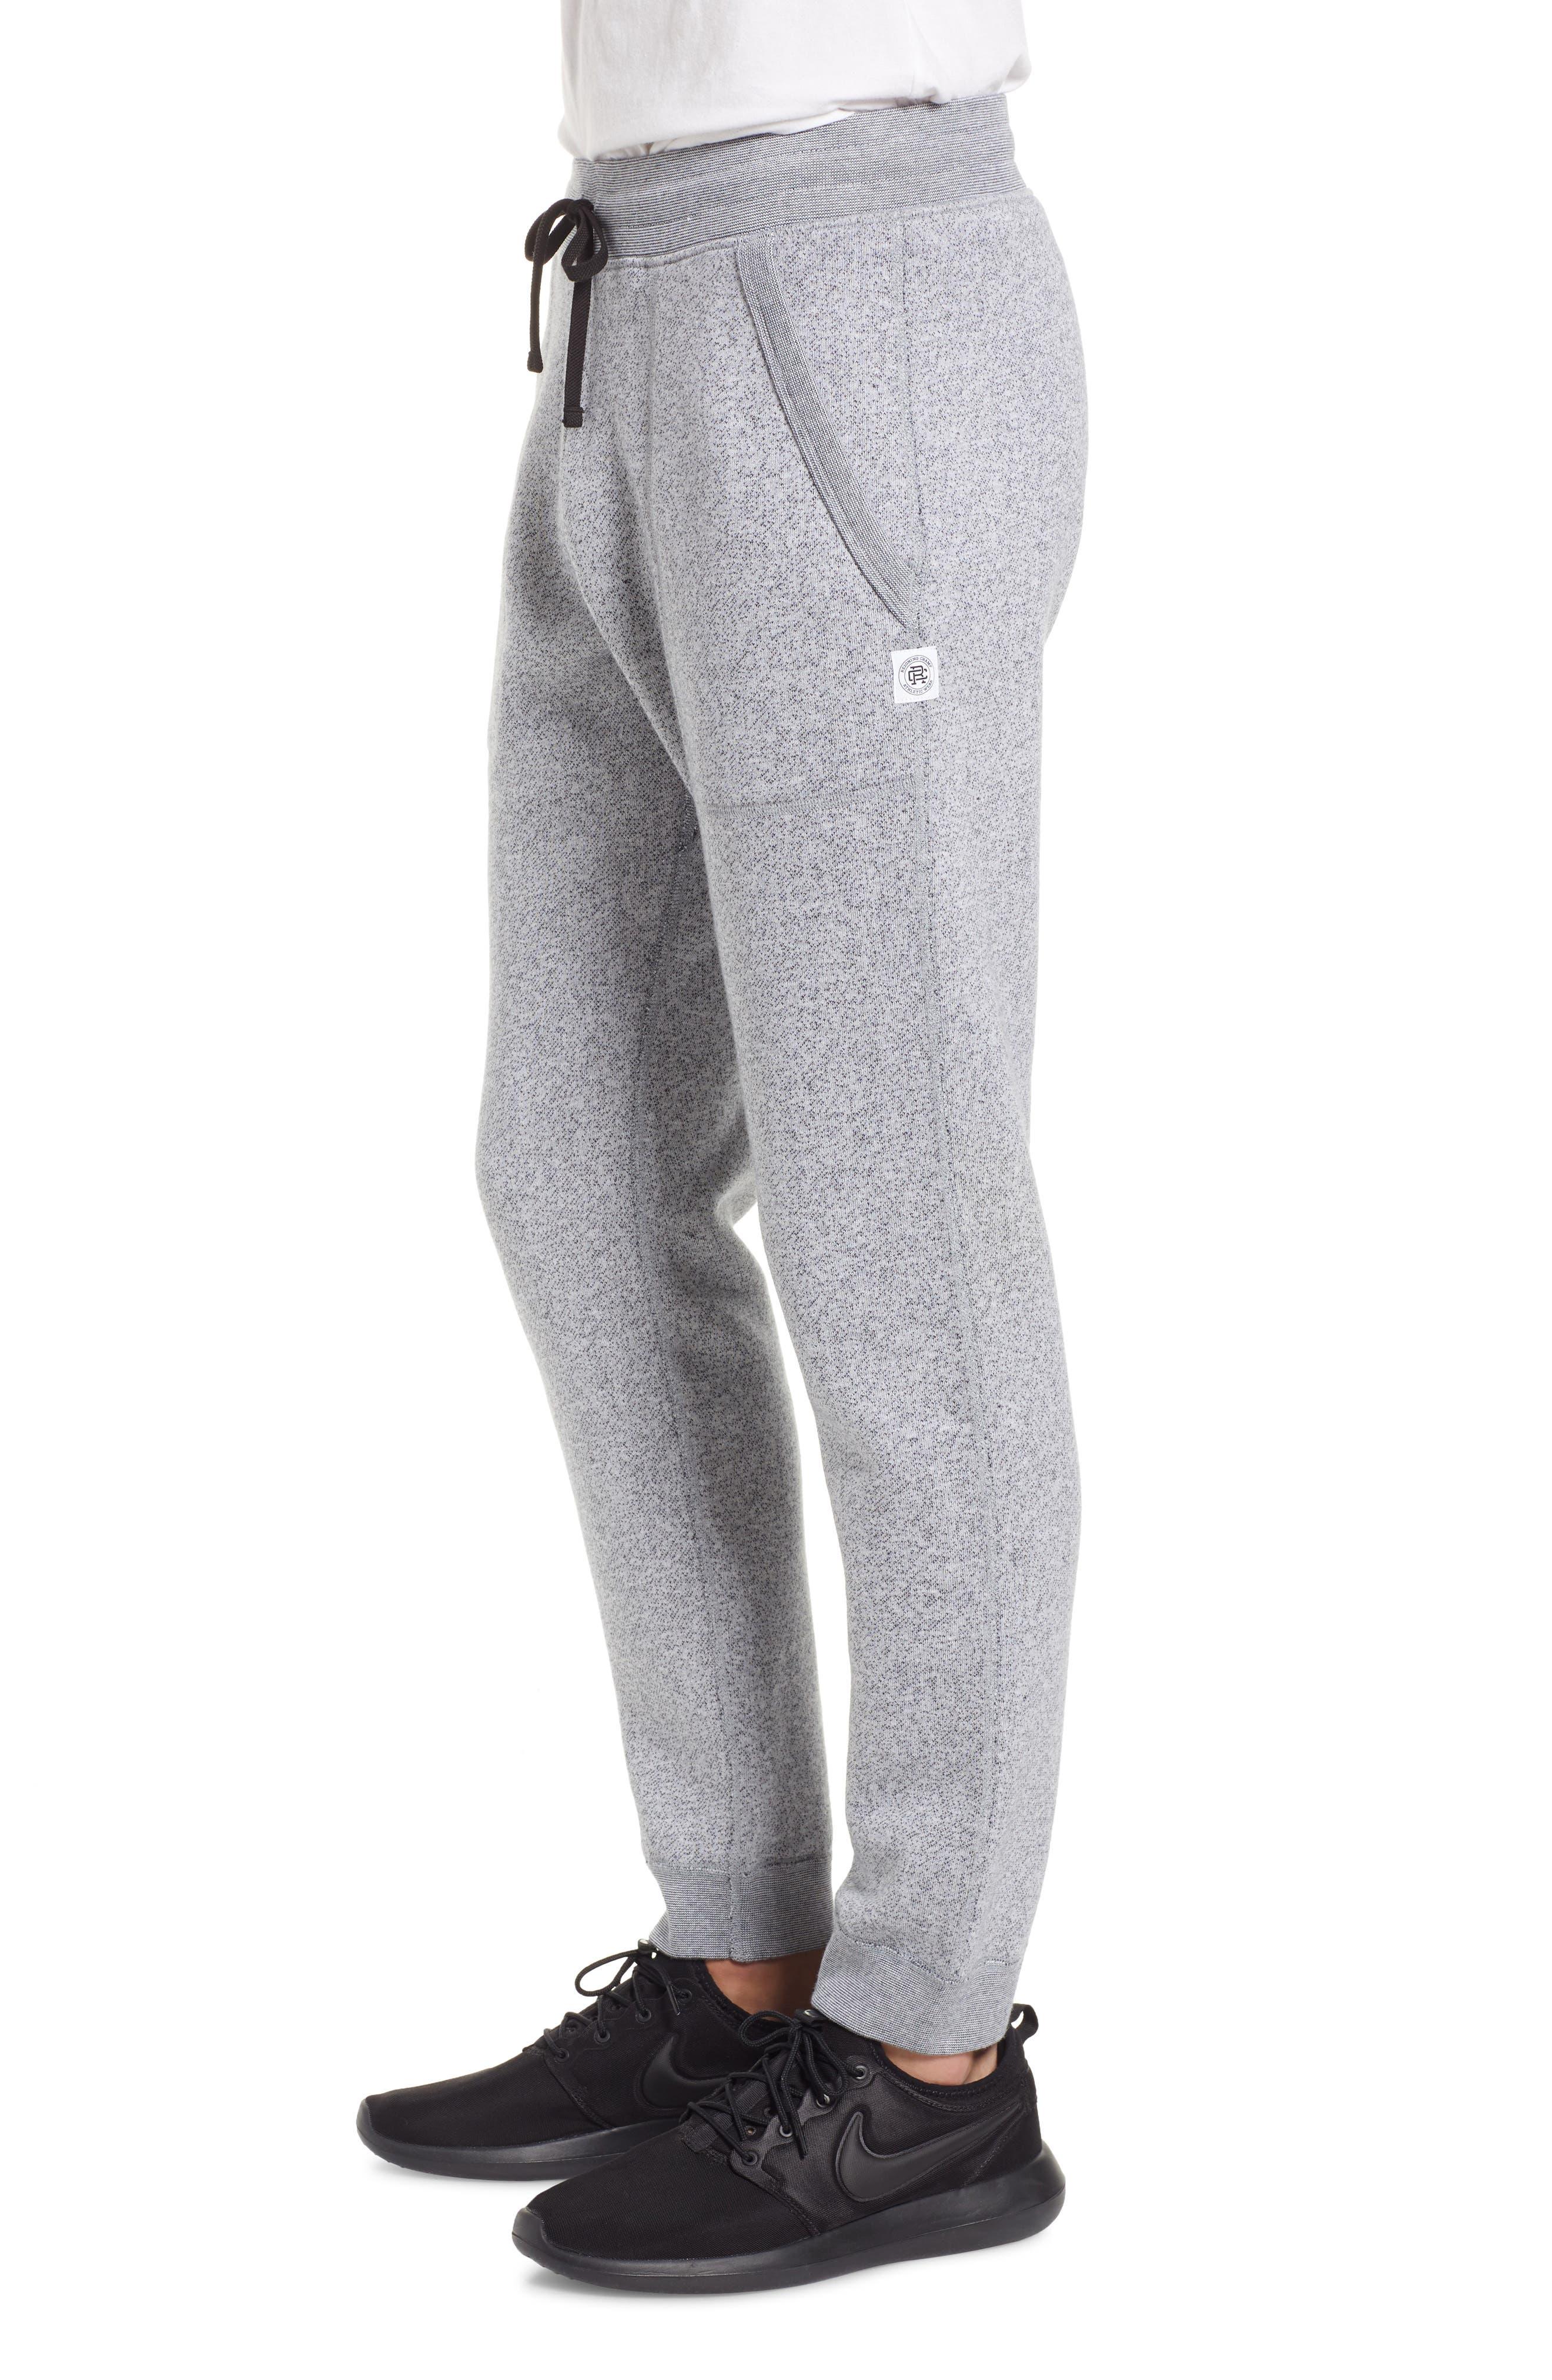 Tiger Slim Jogger Sweatpants,                             Alternate thumbnail 3, color,                             WHITE